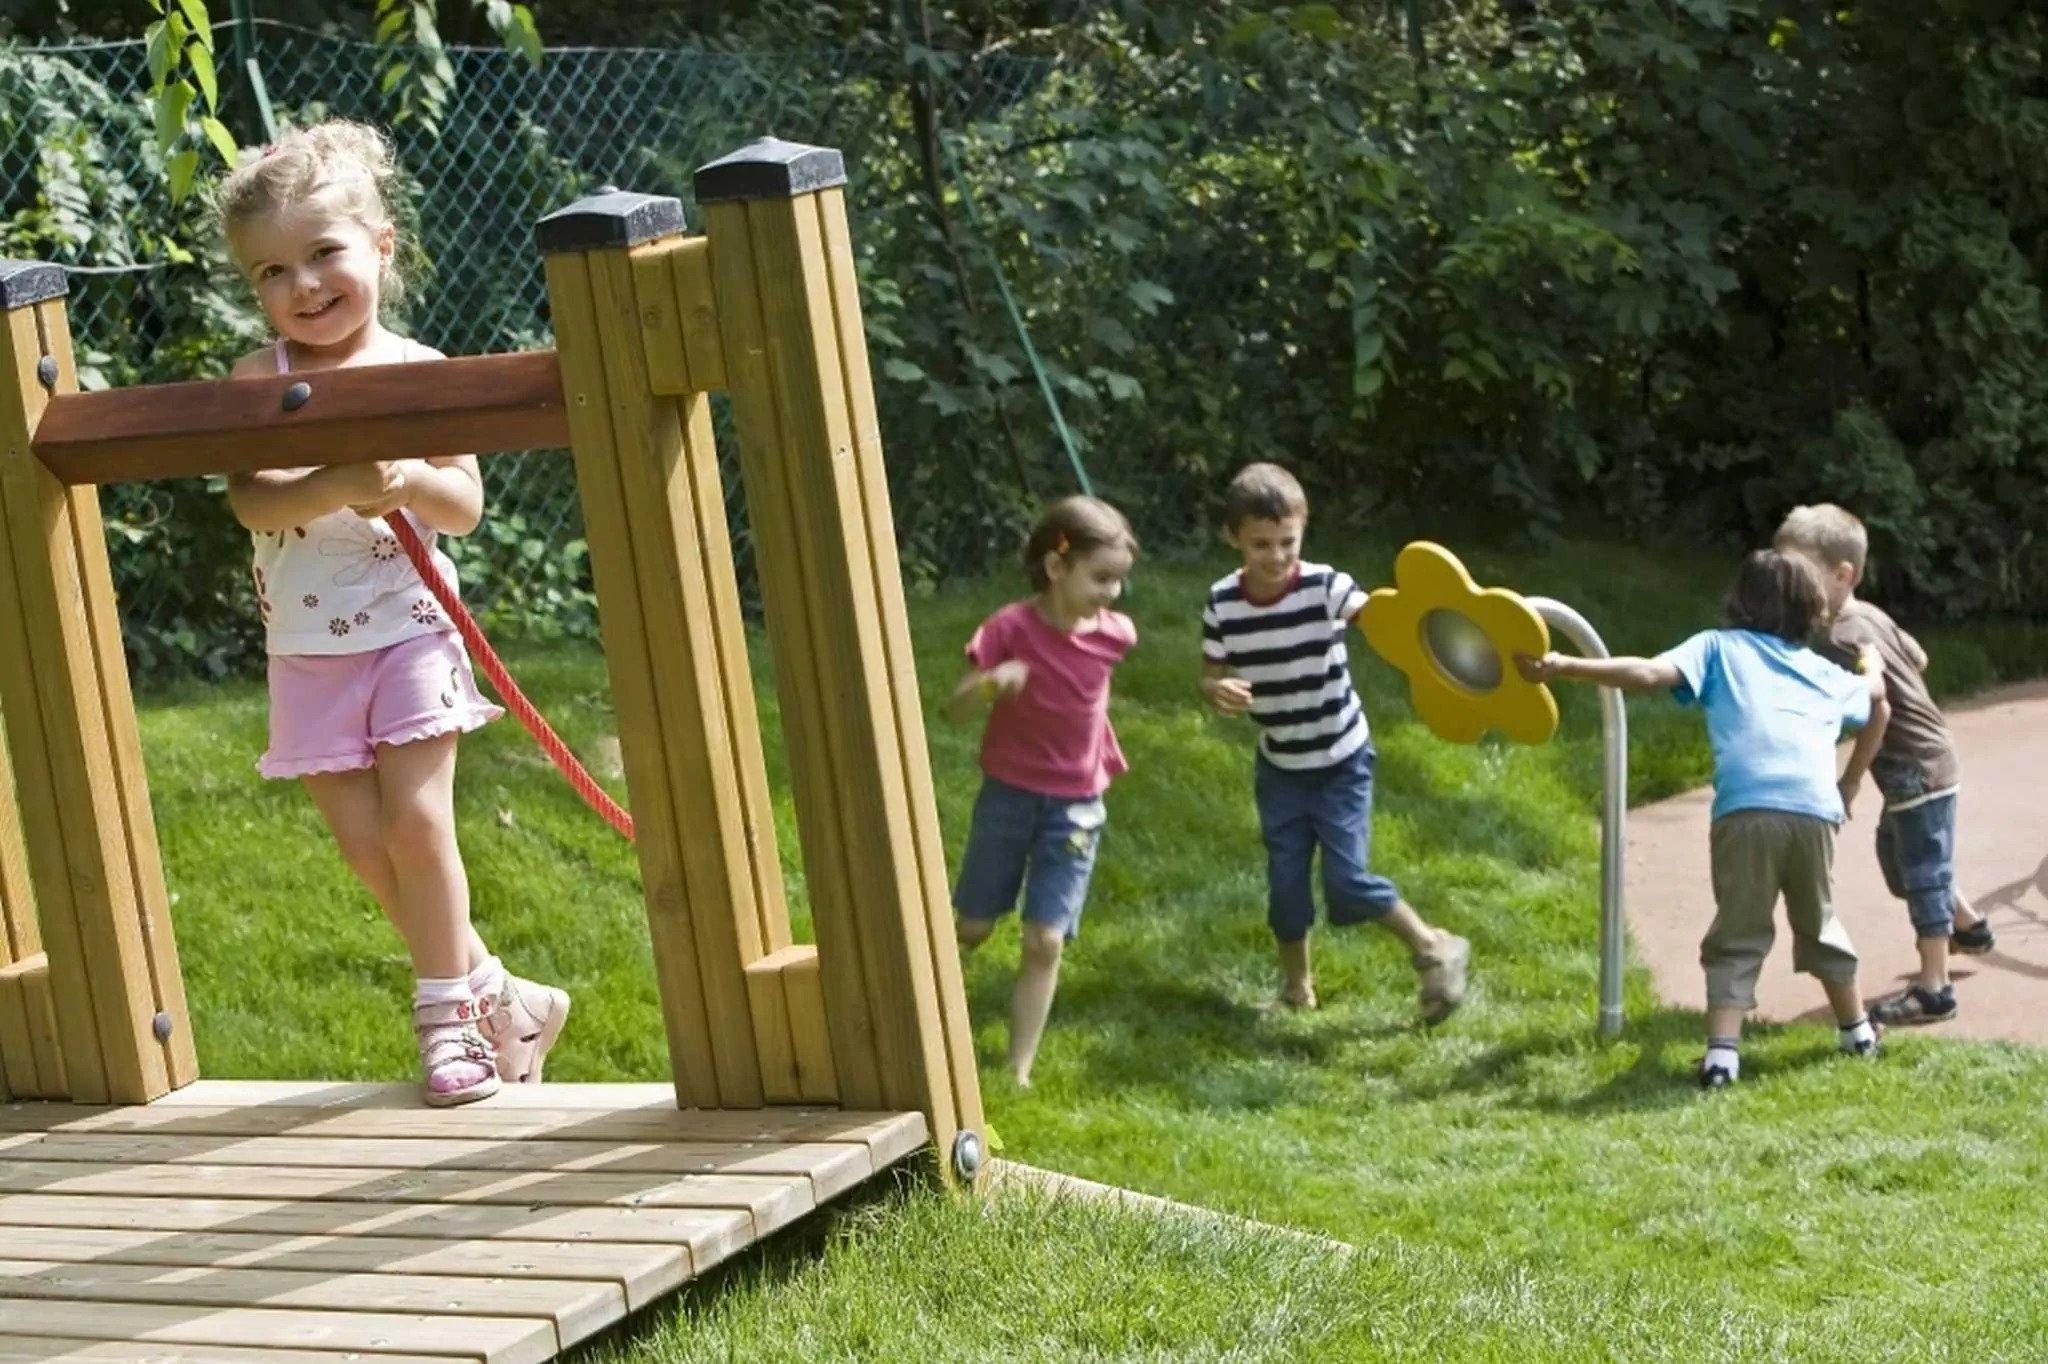 Gyerekbarát szállások, ahol 6 éves kor alatt ingyenes a foglalás